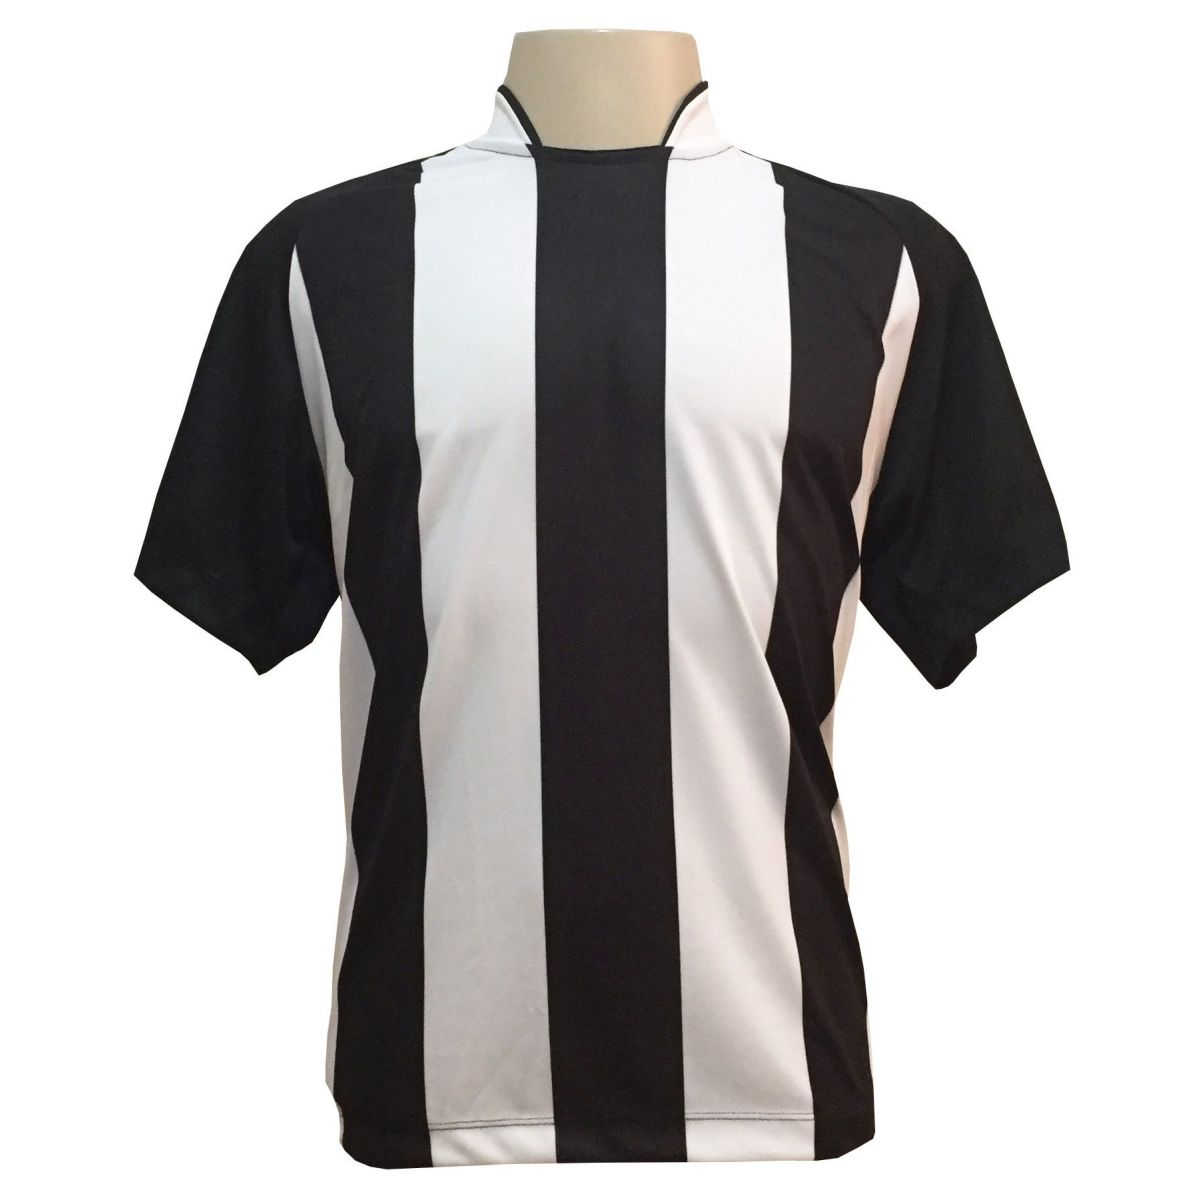 553987f7228e3 ... Uniforme Completo modelo Milan 18+1 (18 Camisas Preto Branco + 18  Calções ...